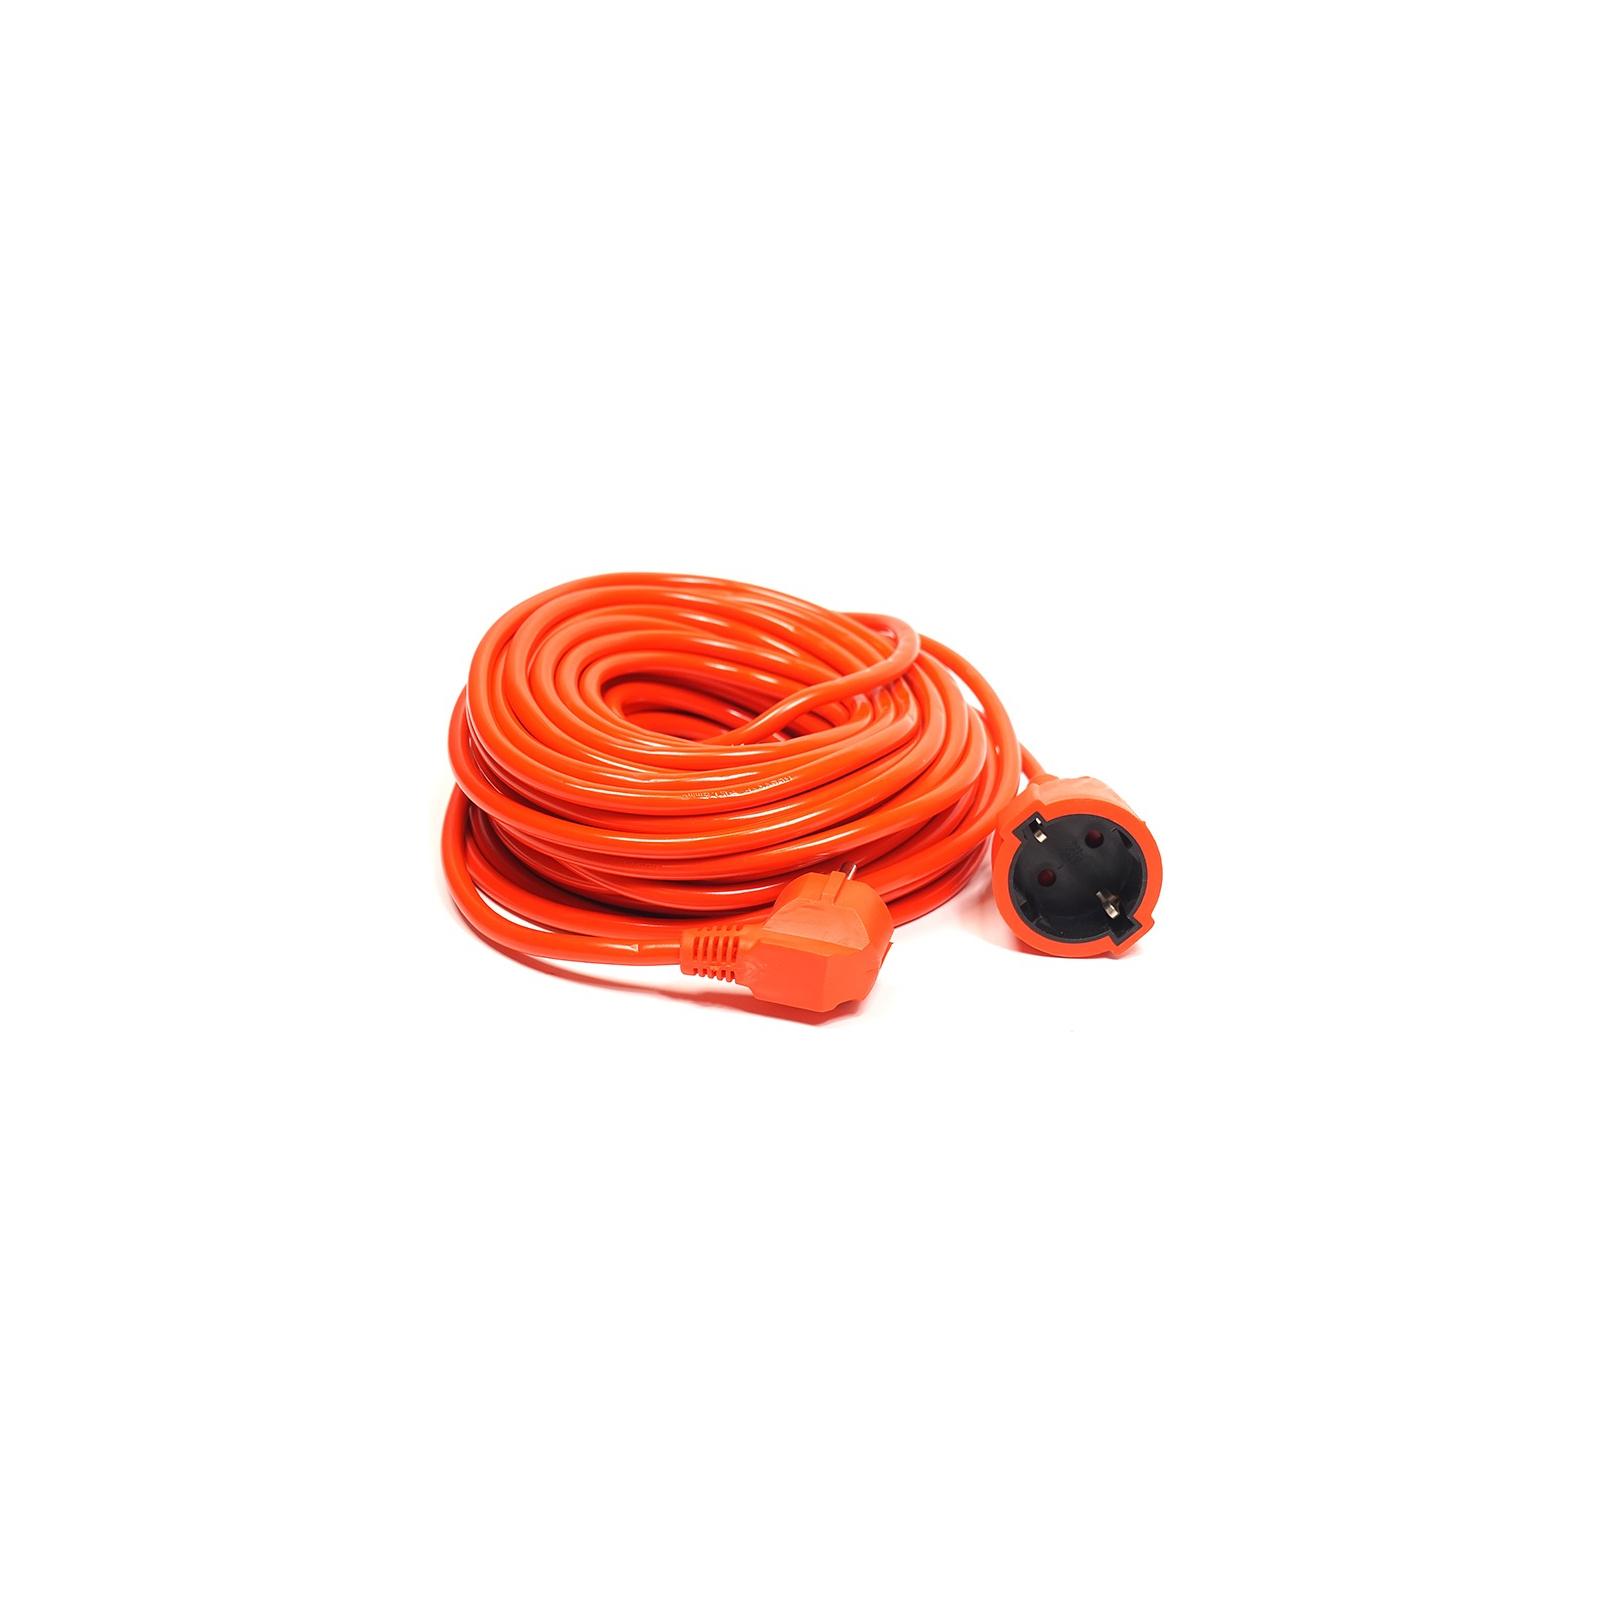 Сетевой удлинитель PowerPlant 20 м, 3x2.5мм2, 16А, морозостойкий (JY-3024/20) (PPCA16M20S1L)